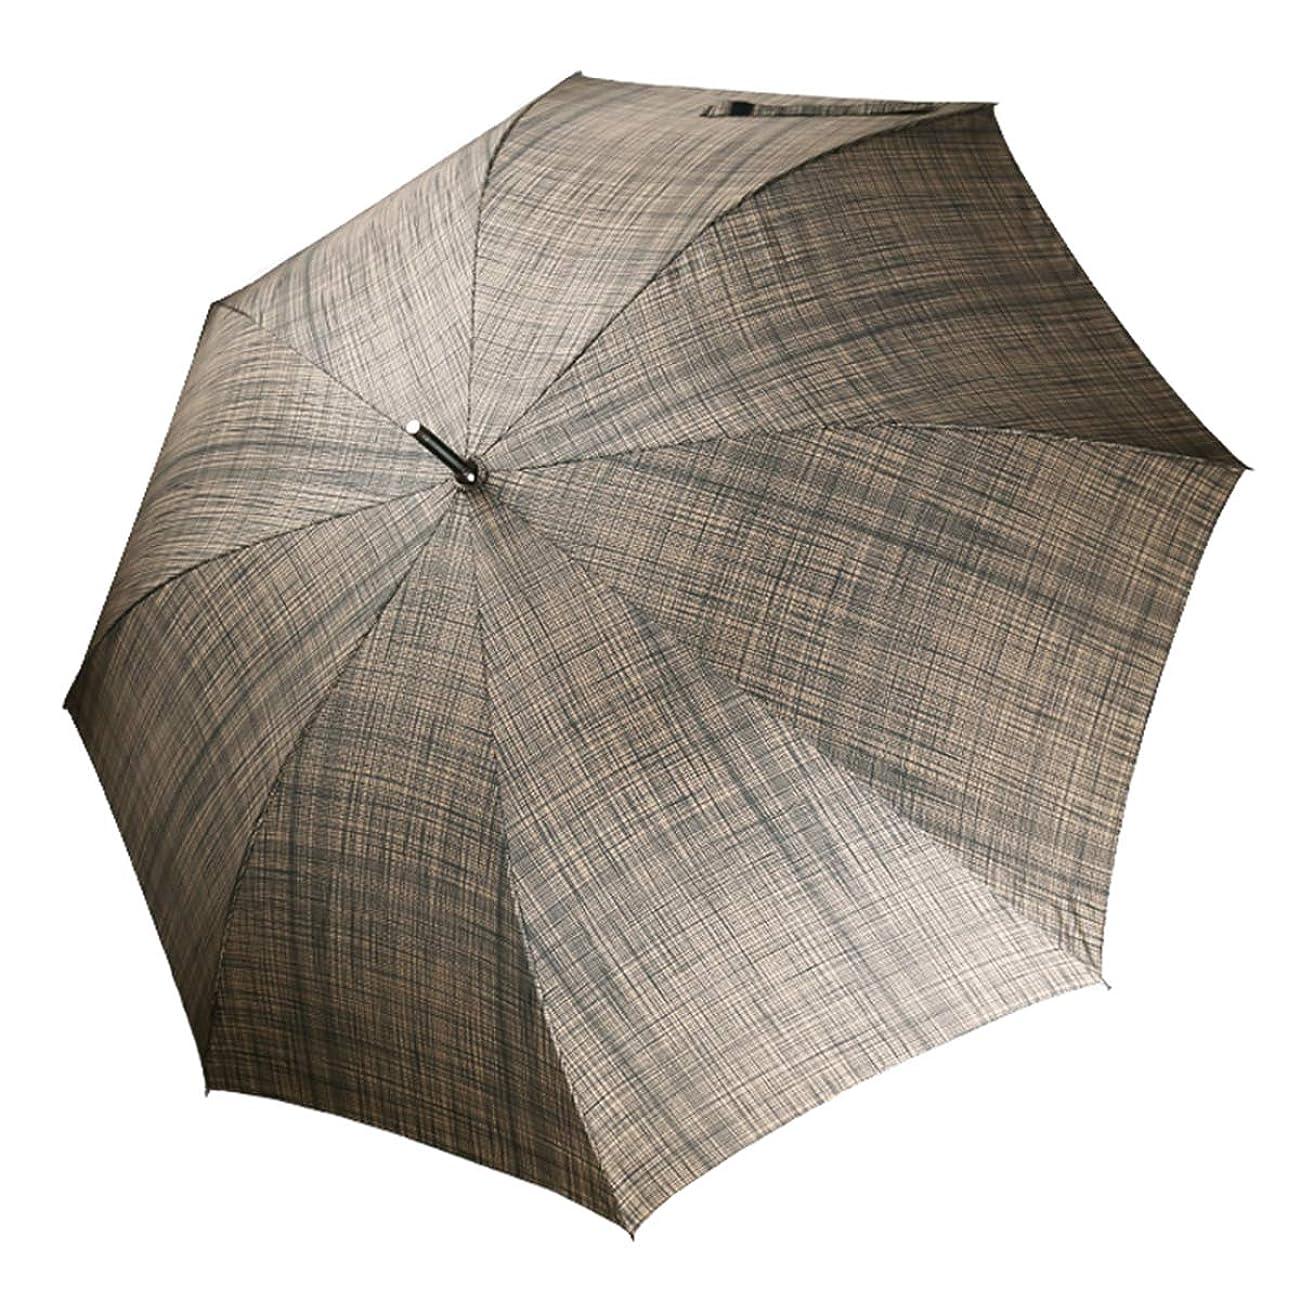 司書いくつかのいつも長傘 メンズ傘 紳士傘 自動開けステッキ傘 和風傘 テフロン超撥水 ワンタッチ 丈夫 撥水 耐風 210T高強度グラスファイバー 軽量 大きい ゴルフ ビジネス 車 晴雨兼用